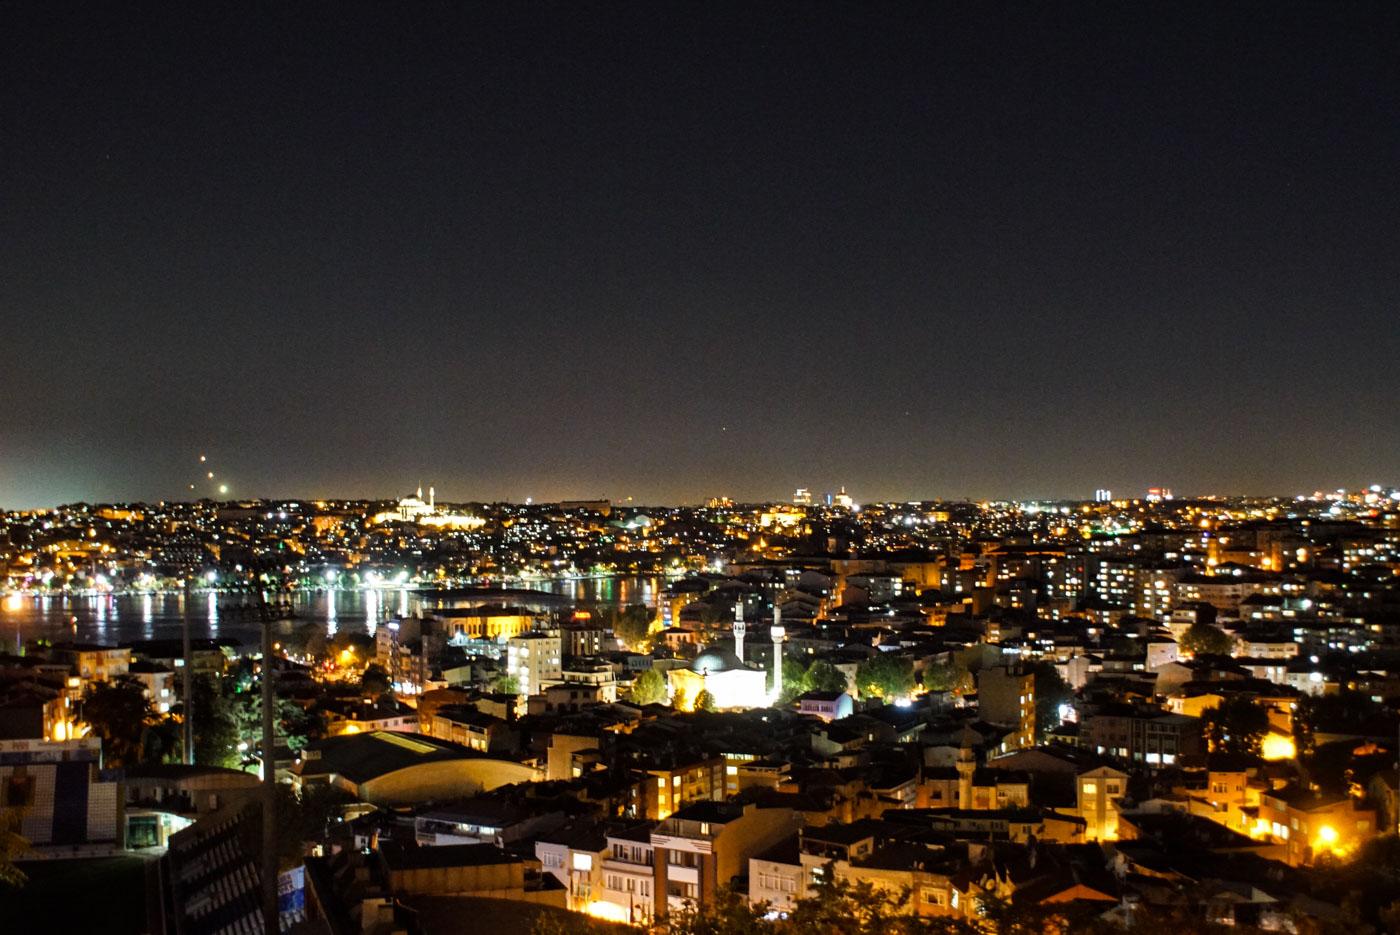 Blick von einer erhöhten Position auf die Stadt Istanbul bei Nacht. es sind mehrere erleuchtete Moscheen zu sehen sowie der Bosporus und viele Häuser die in ihren Lichtern strahlen.